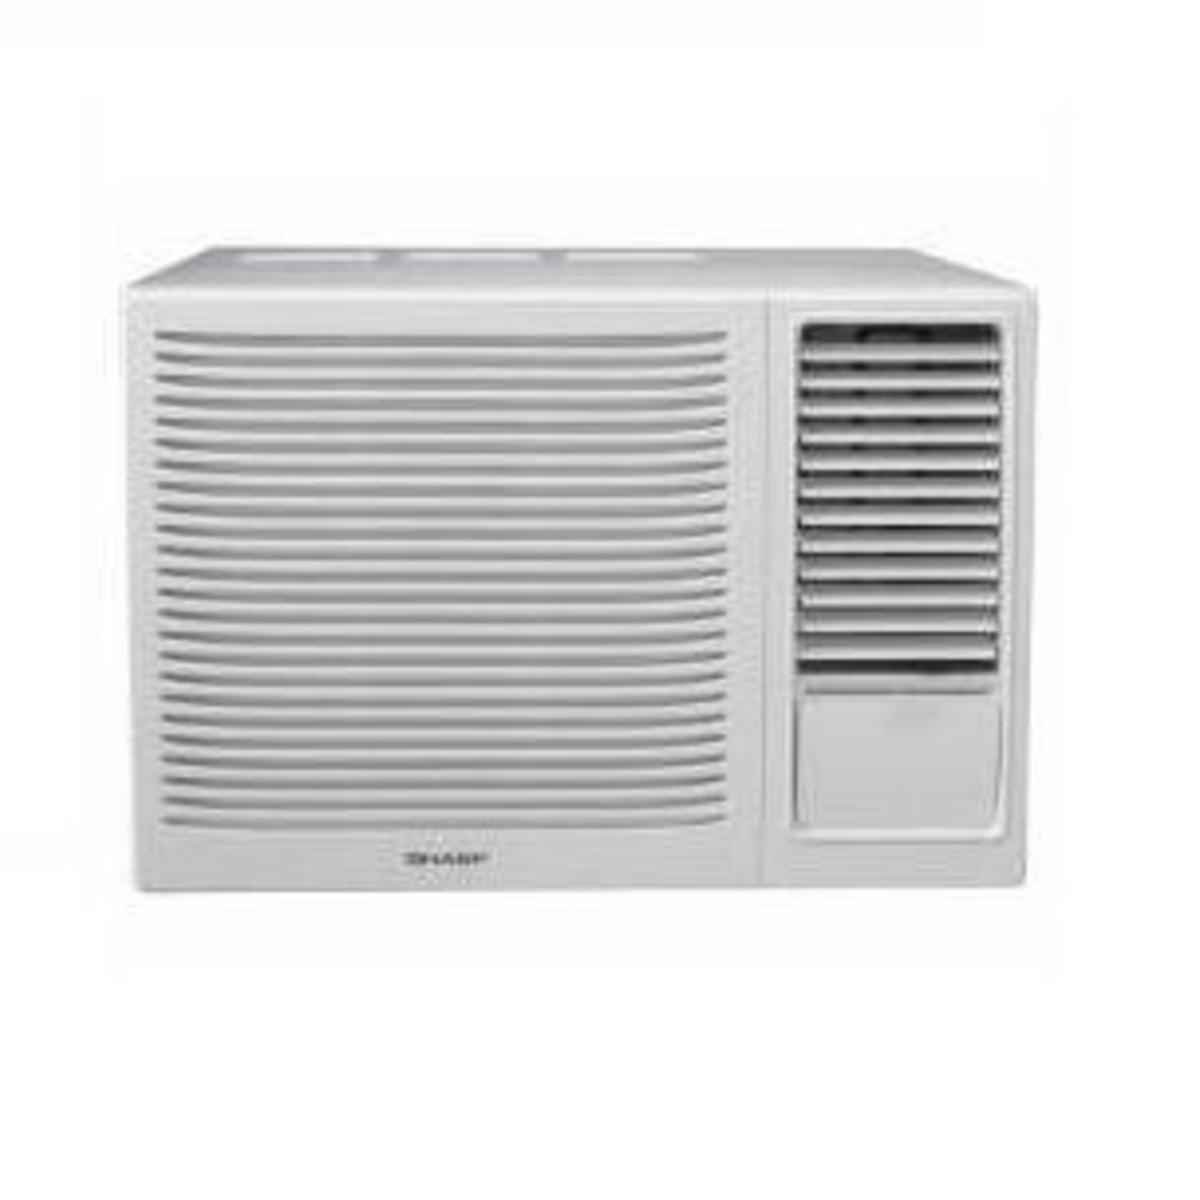 聲寶 1匹窗口式冷氣機 AF-A9PA